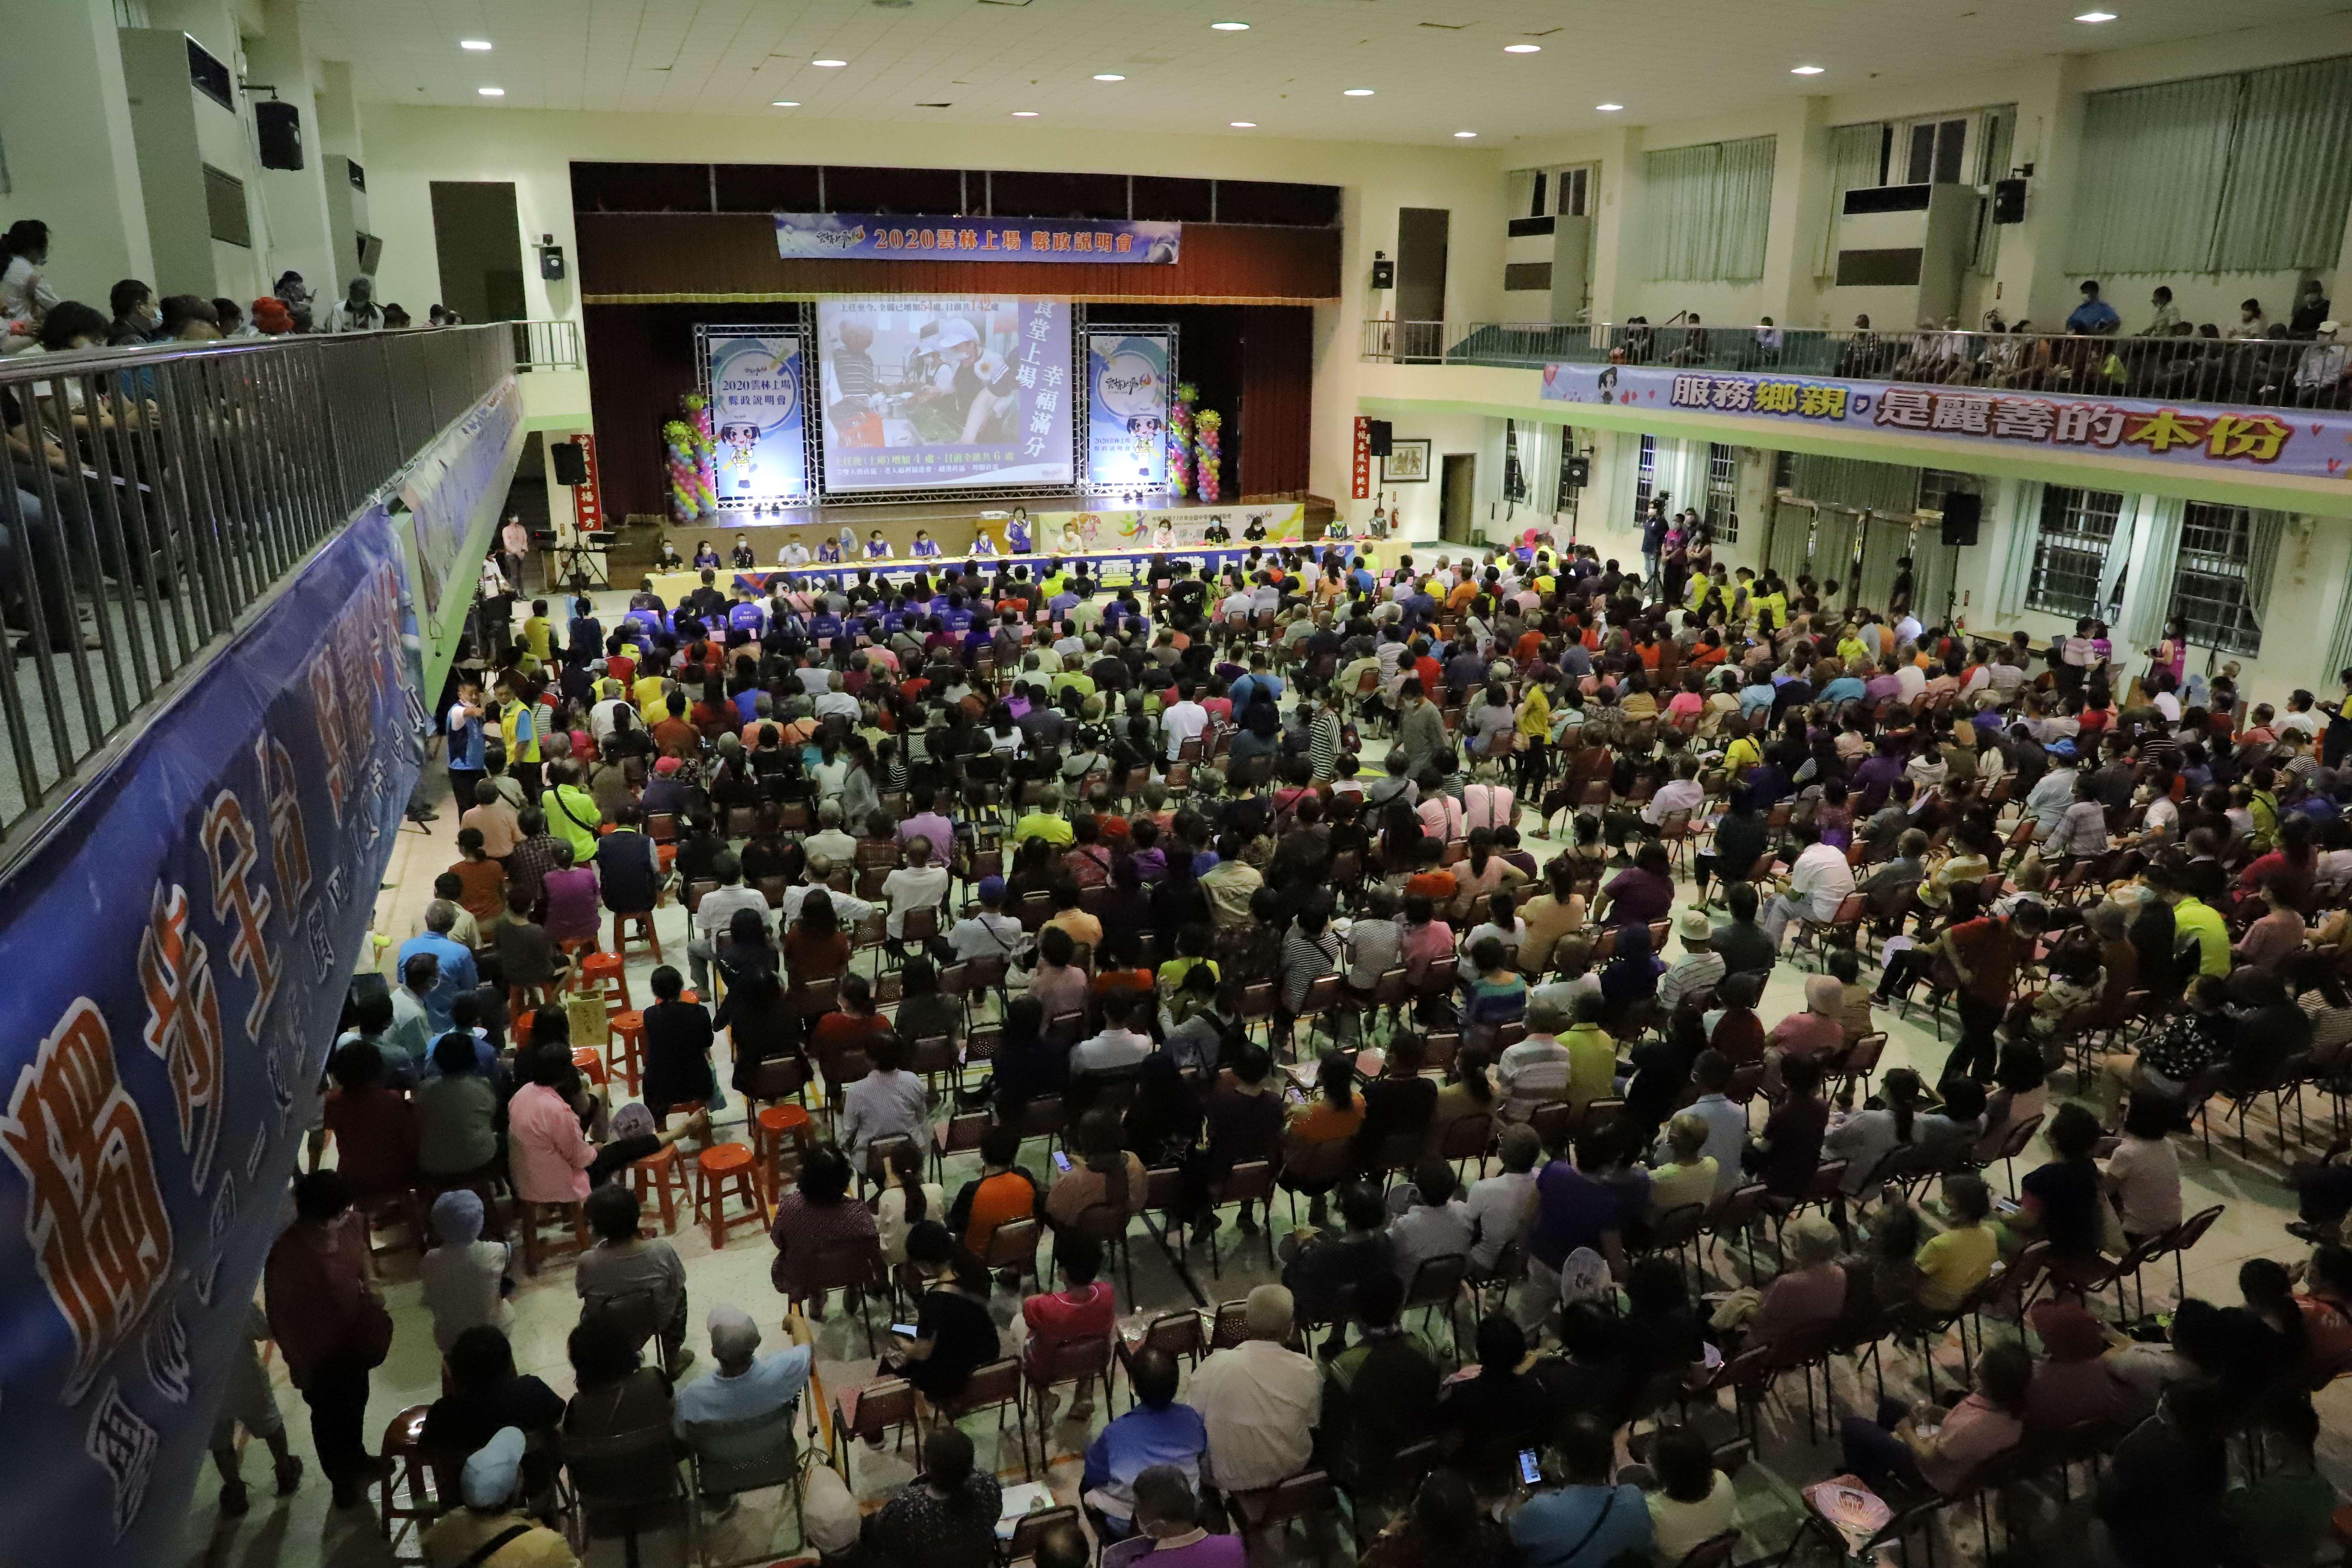 縣政說明會土庫場吸引上千民眾參與。